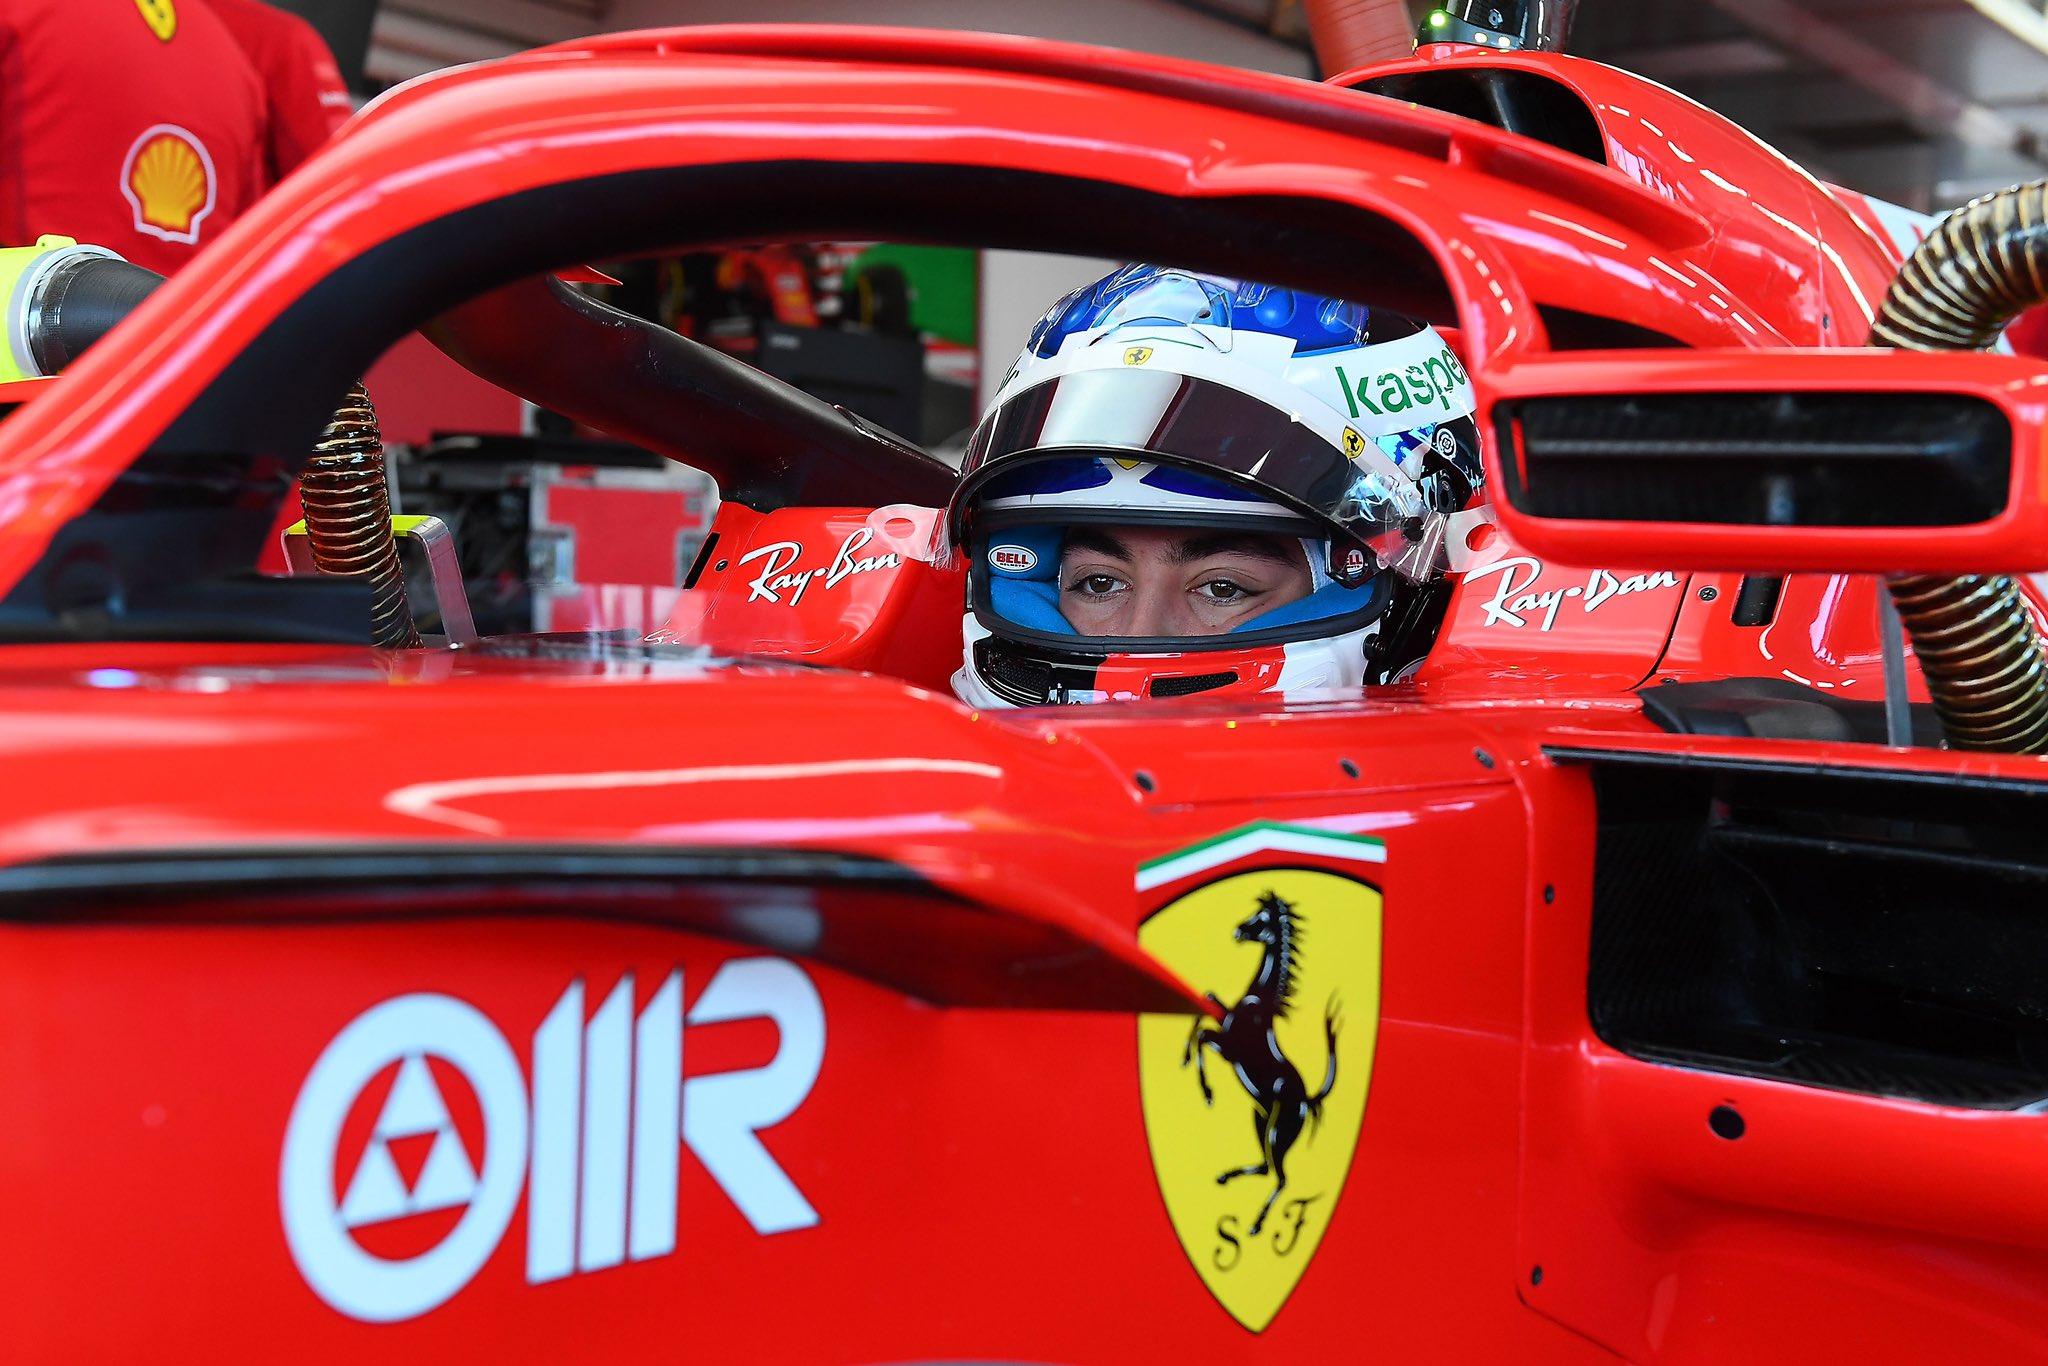 F1 - Giuliano Alesi au volant d'une Ferrari...30 ans après son père